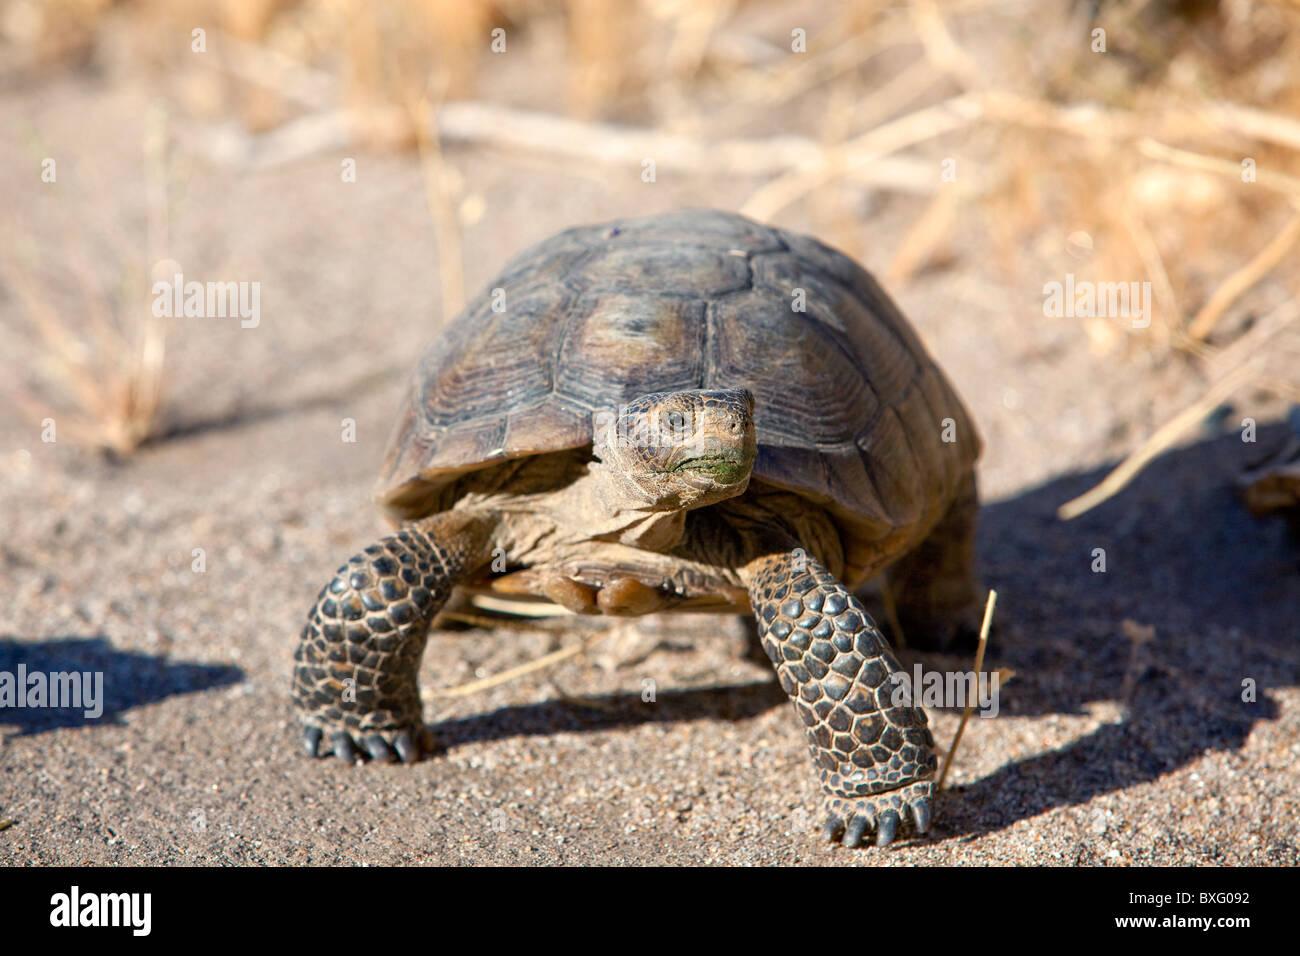 An endangered desert tortoise in Anza Borrego Desert State Park, California. - Stock Image